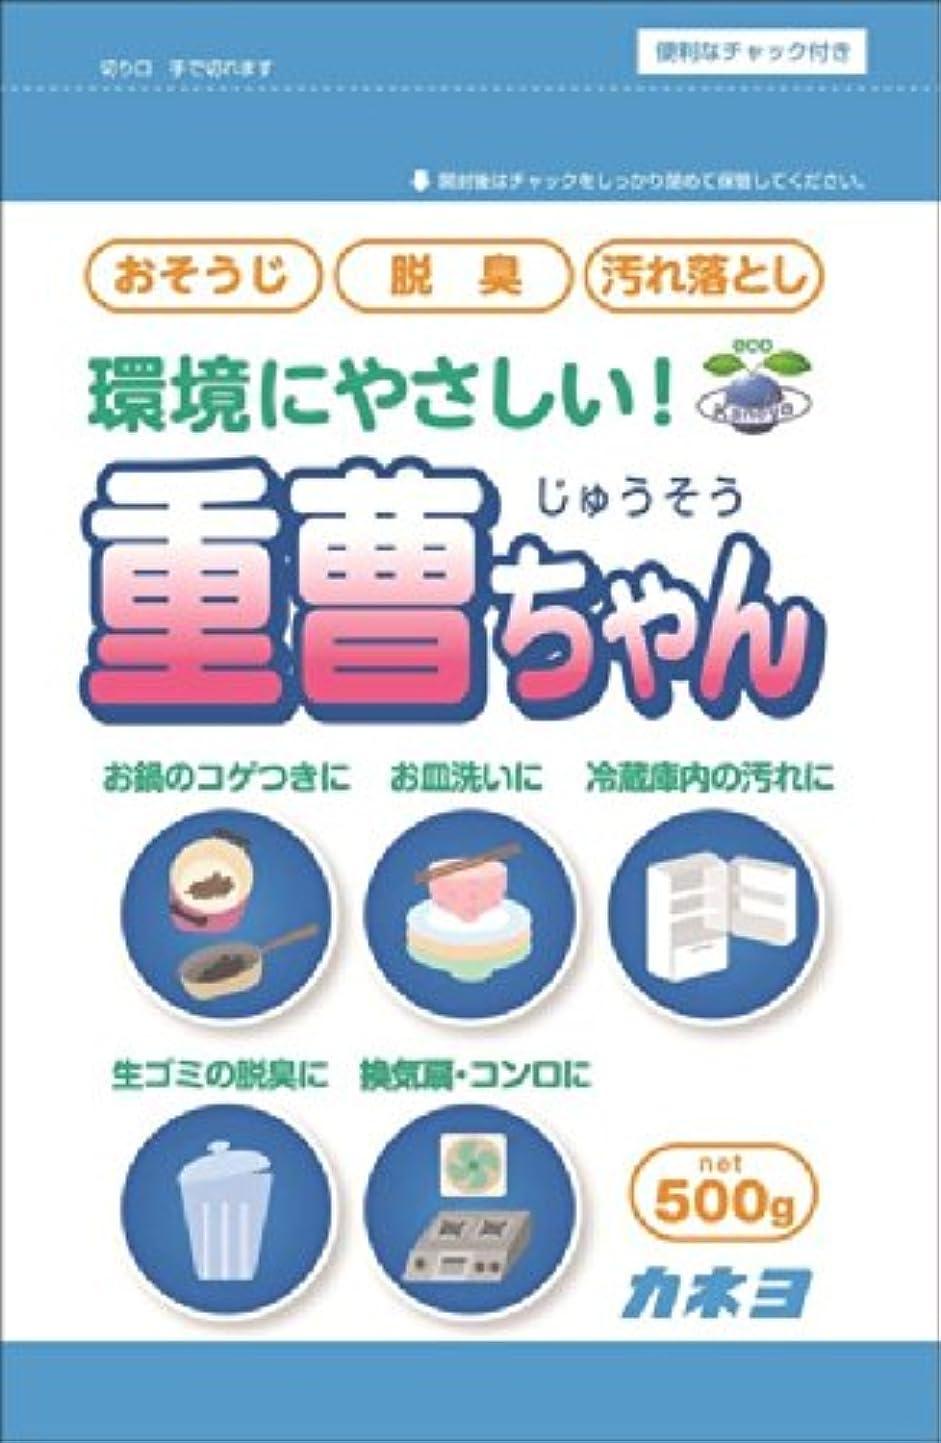 壮大な休憩鈍いカネヨ石鹸 重曹ちゃんSP 500g